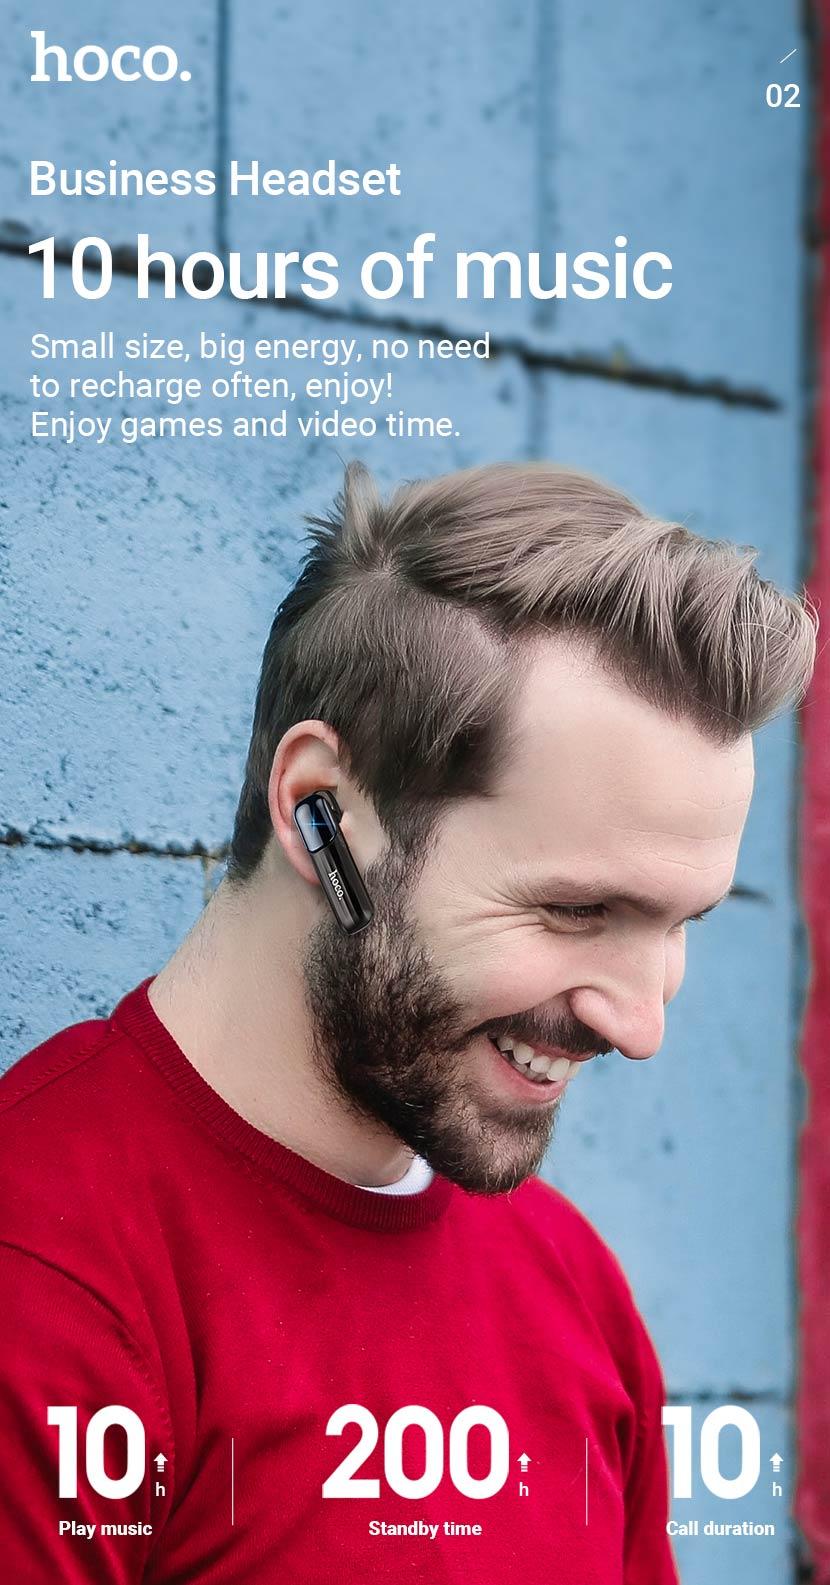 hoco news e57 essential business bt headset 10hours en